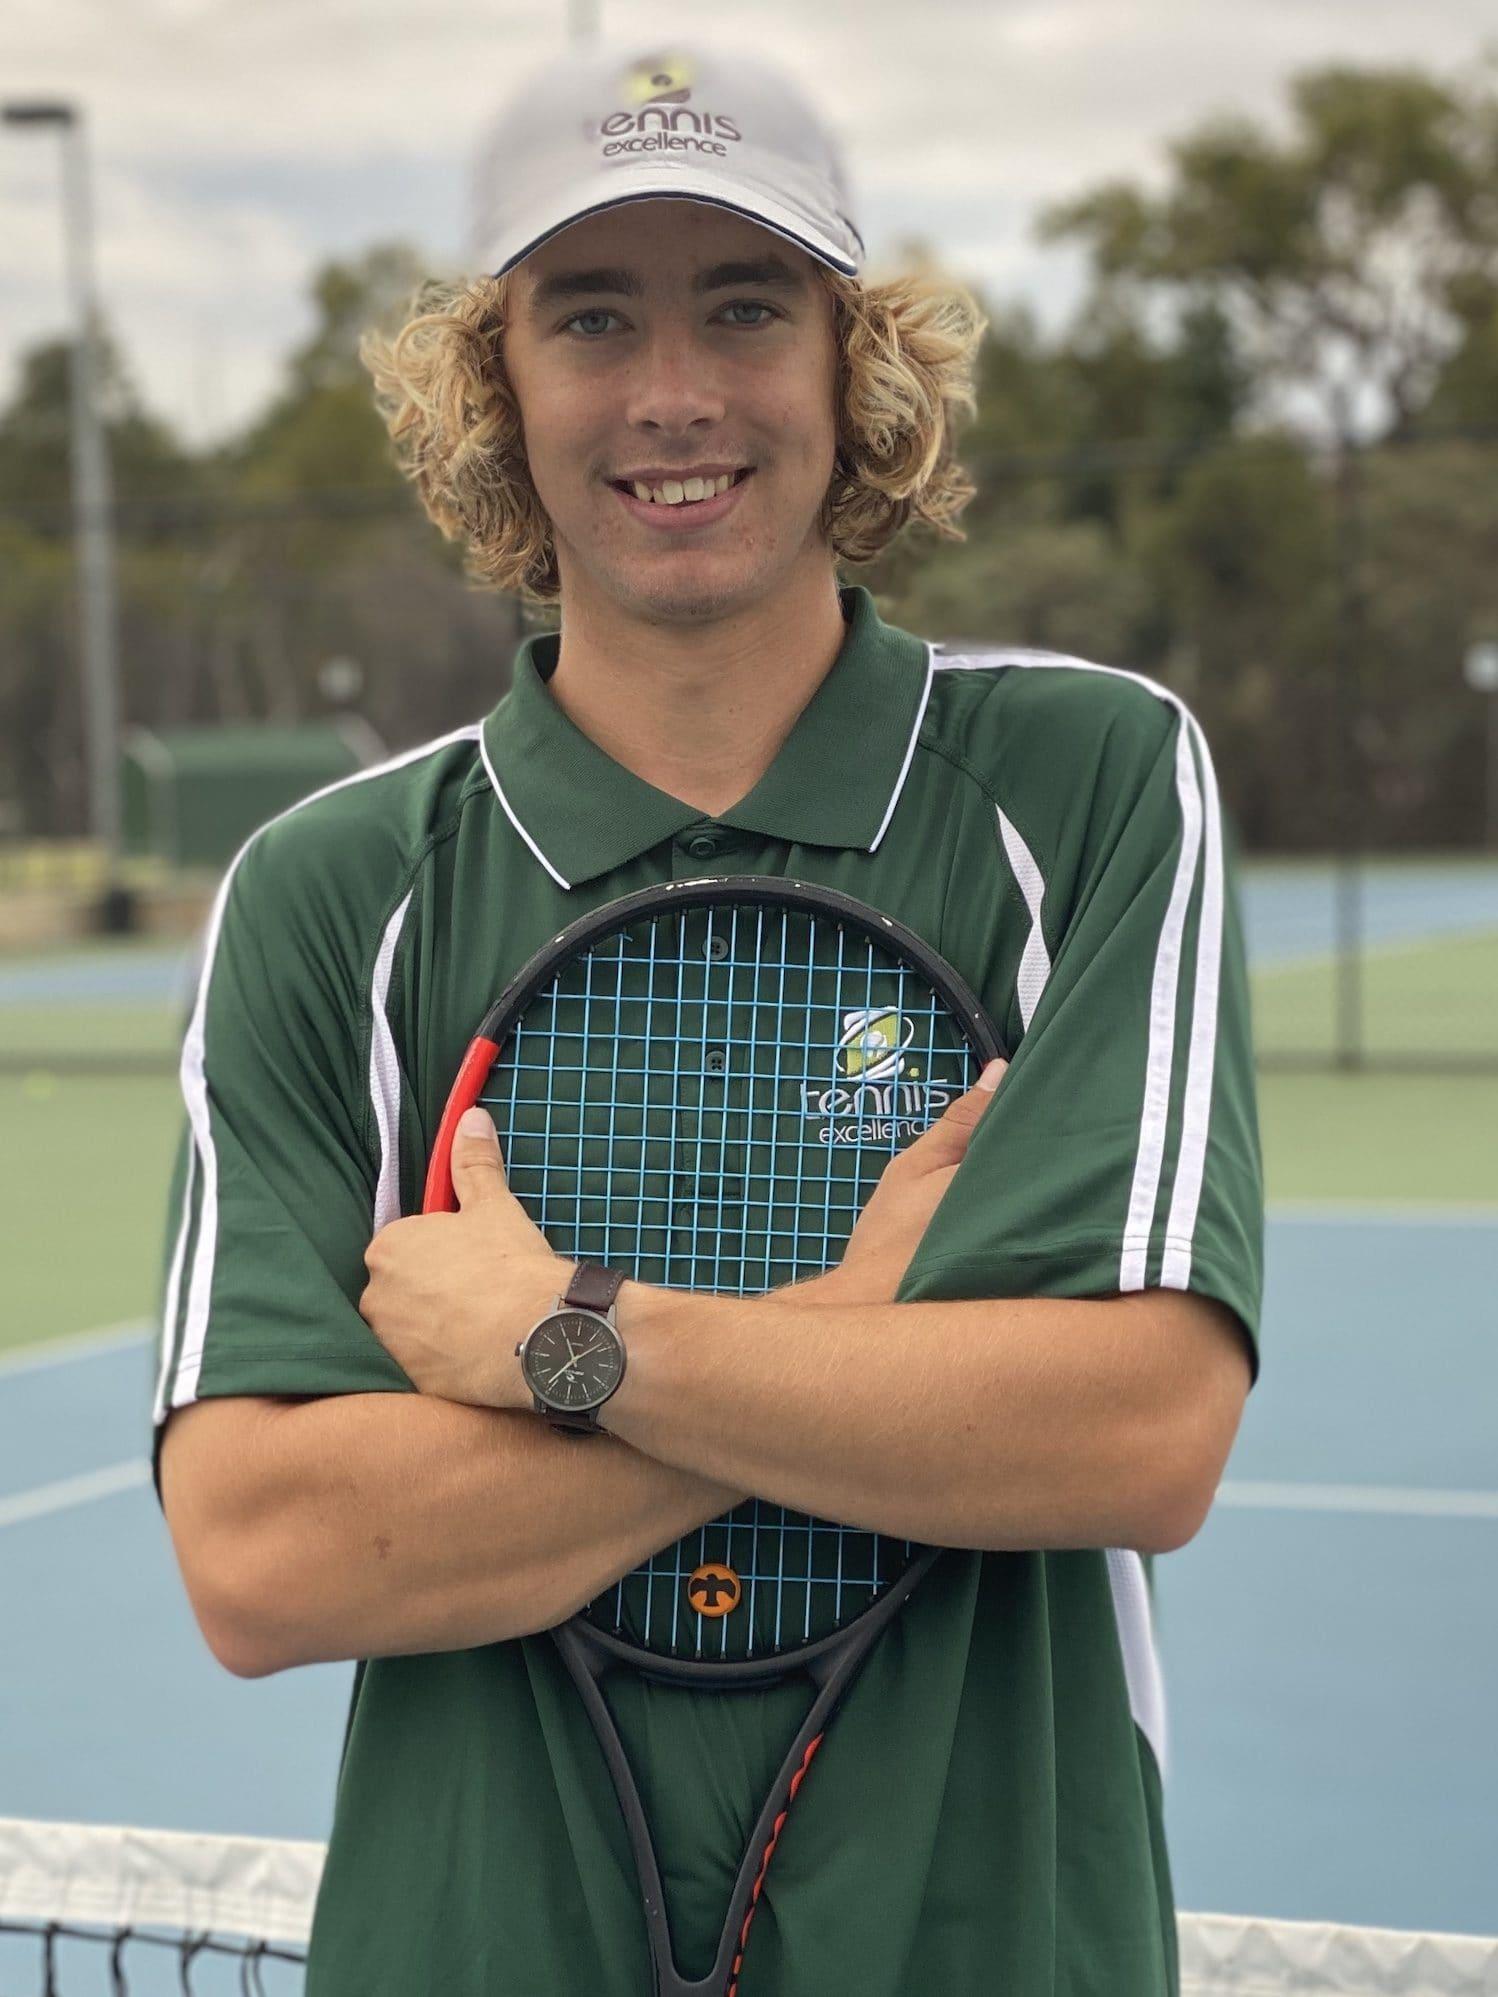 https://www.tennisexcellence.com.au/wp-content/uploads/2020/05/Coach_Mal-Davies-e1588672106986.jpeg